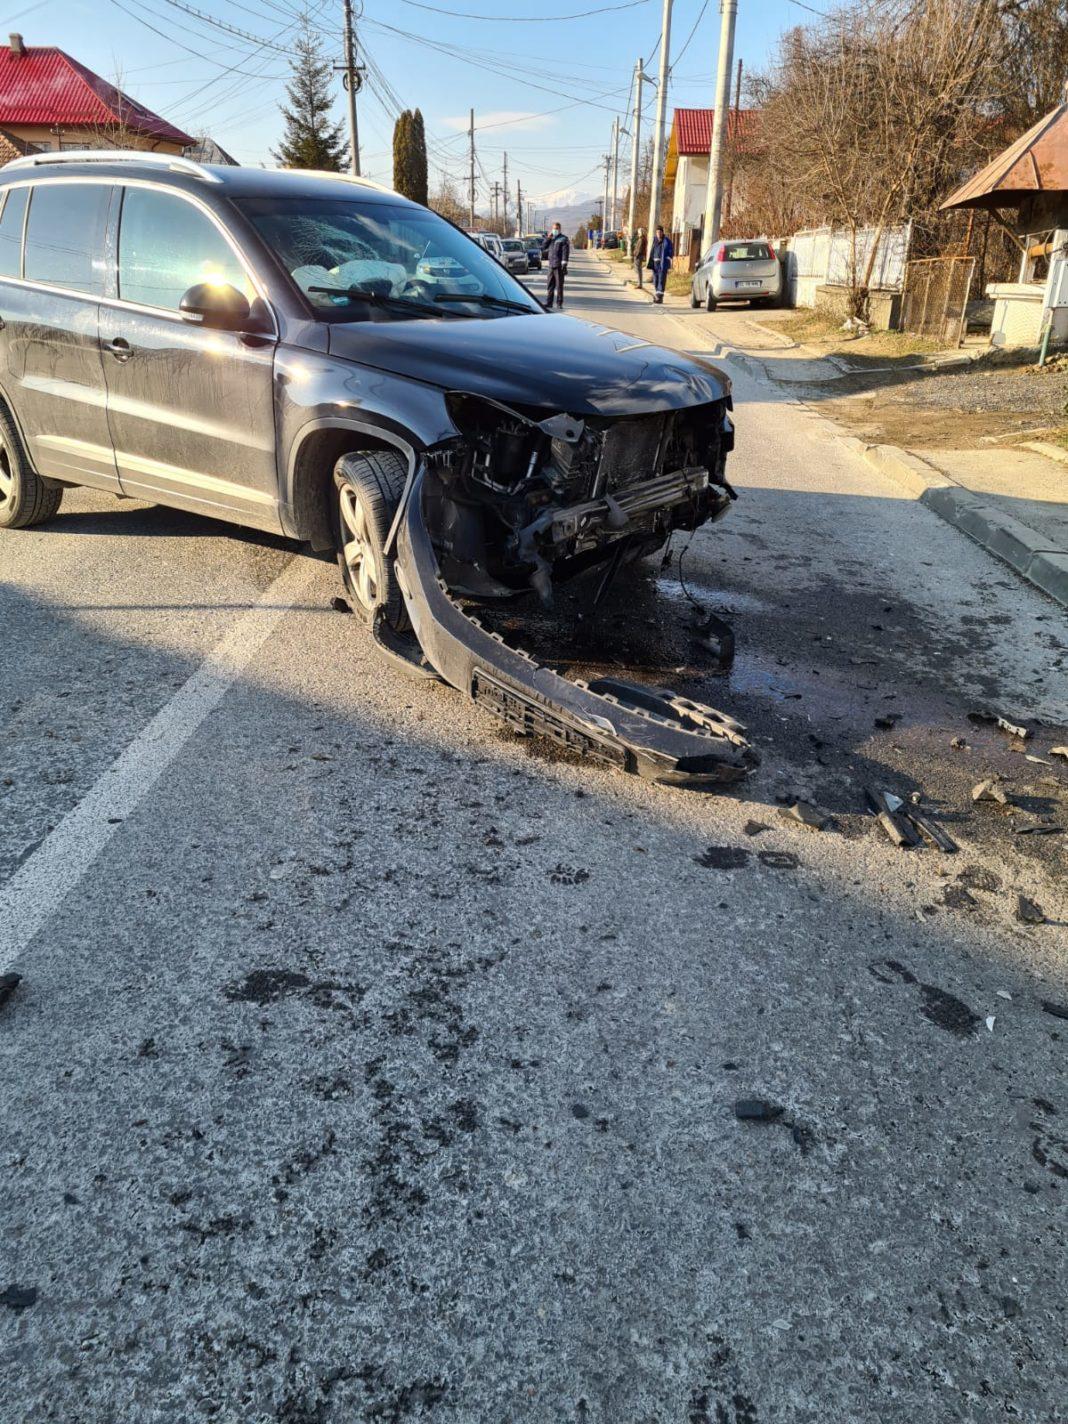 n urma coliziunii dintre două autoturisme petrecut în localitatea vâlceană Vlădești a rezultat vătămarea corporală a două persoane.